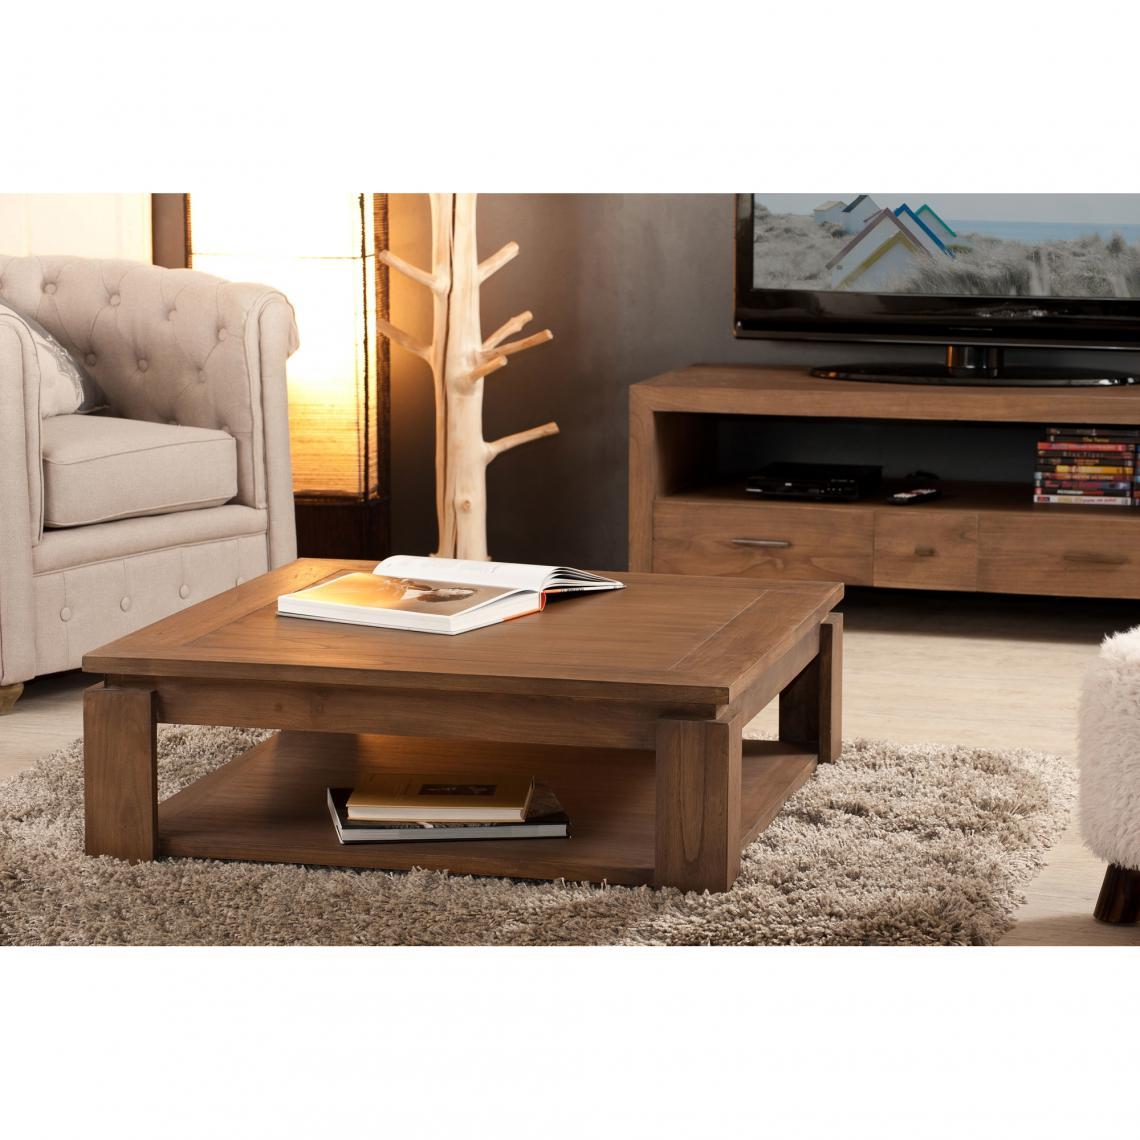 table basse carr e double plateau 90 x 90 cm en bois mindi. Black Bedroom Furniture Sets. Home Design Ideas